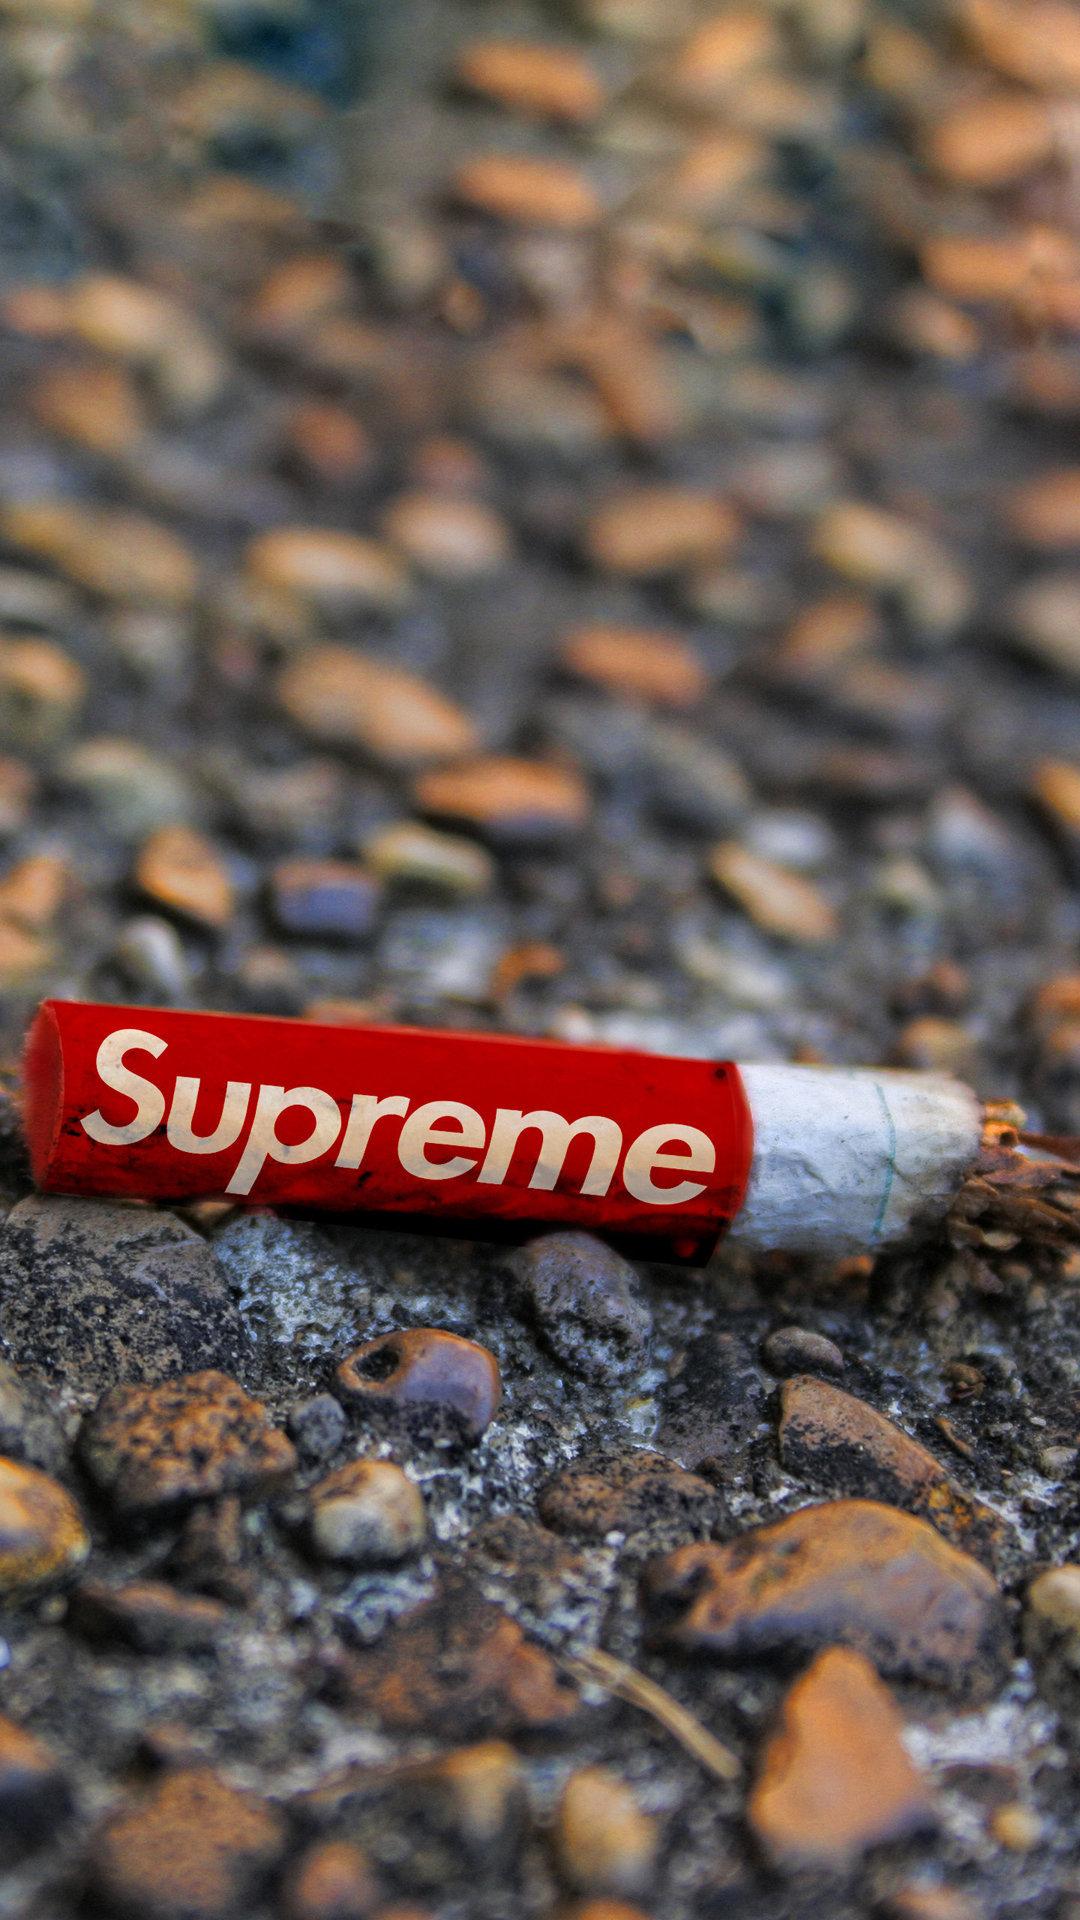 Supreme Cigarette Wallpaper